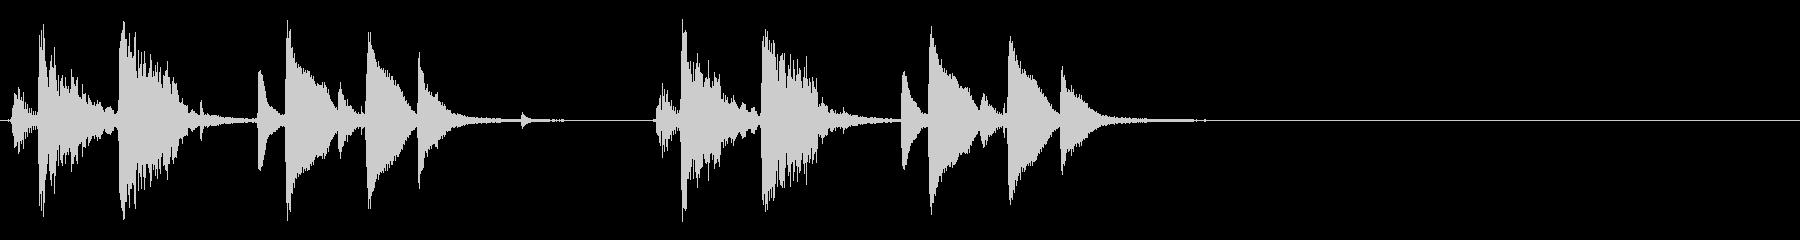 お洒落でリズミカルな6秒ジャズピアノ4の未再生の波形